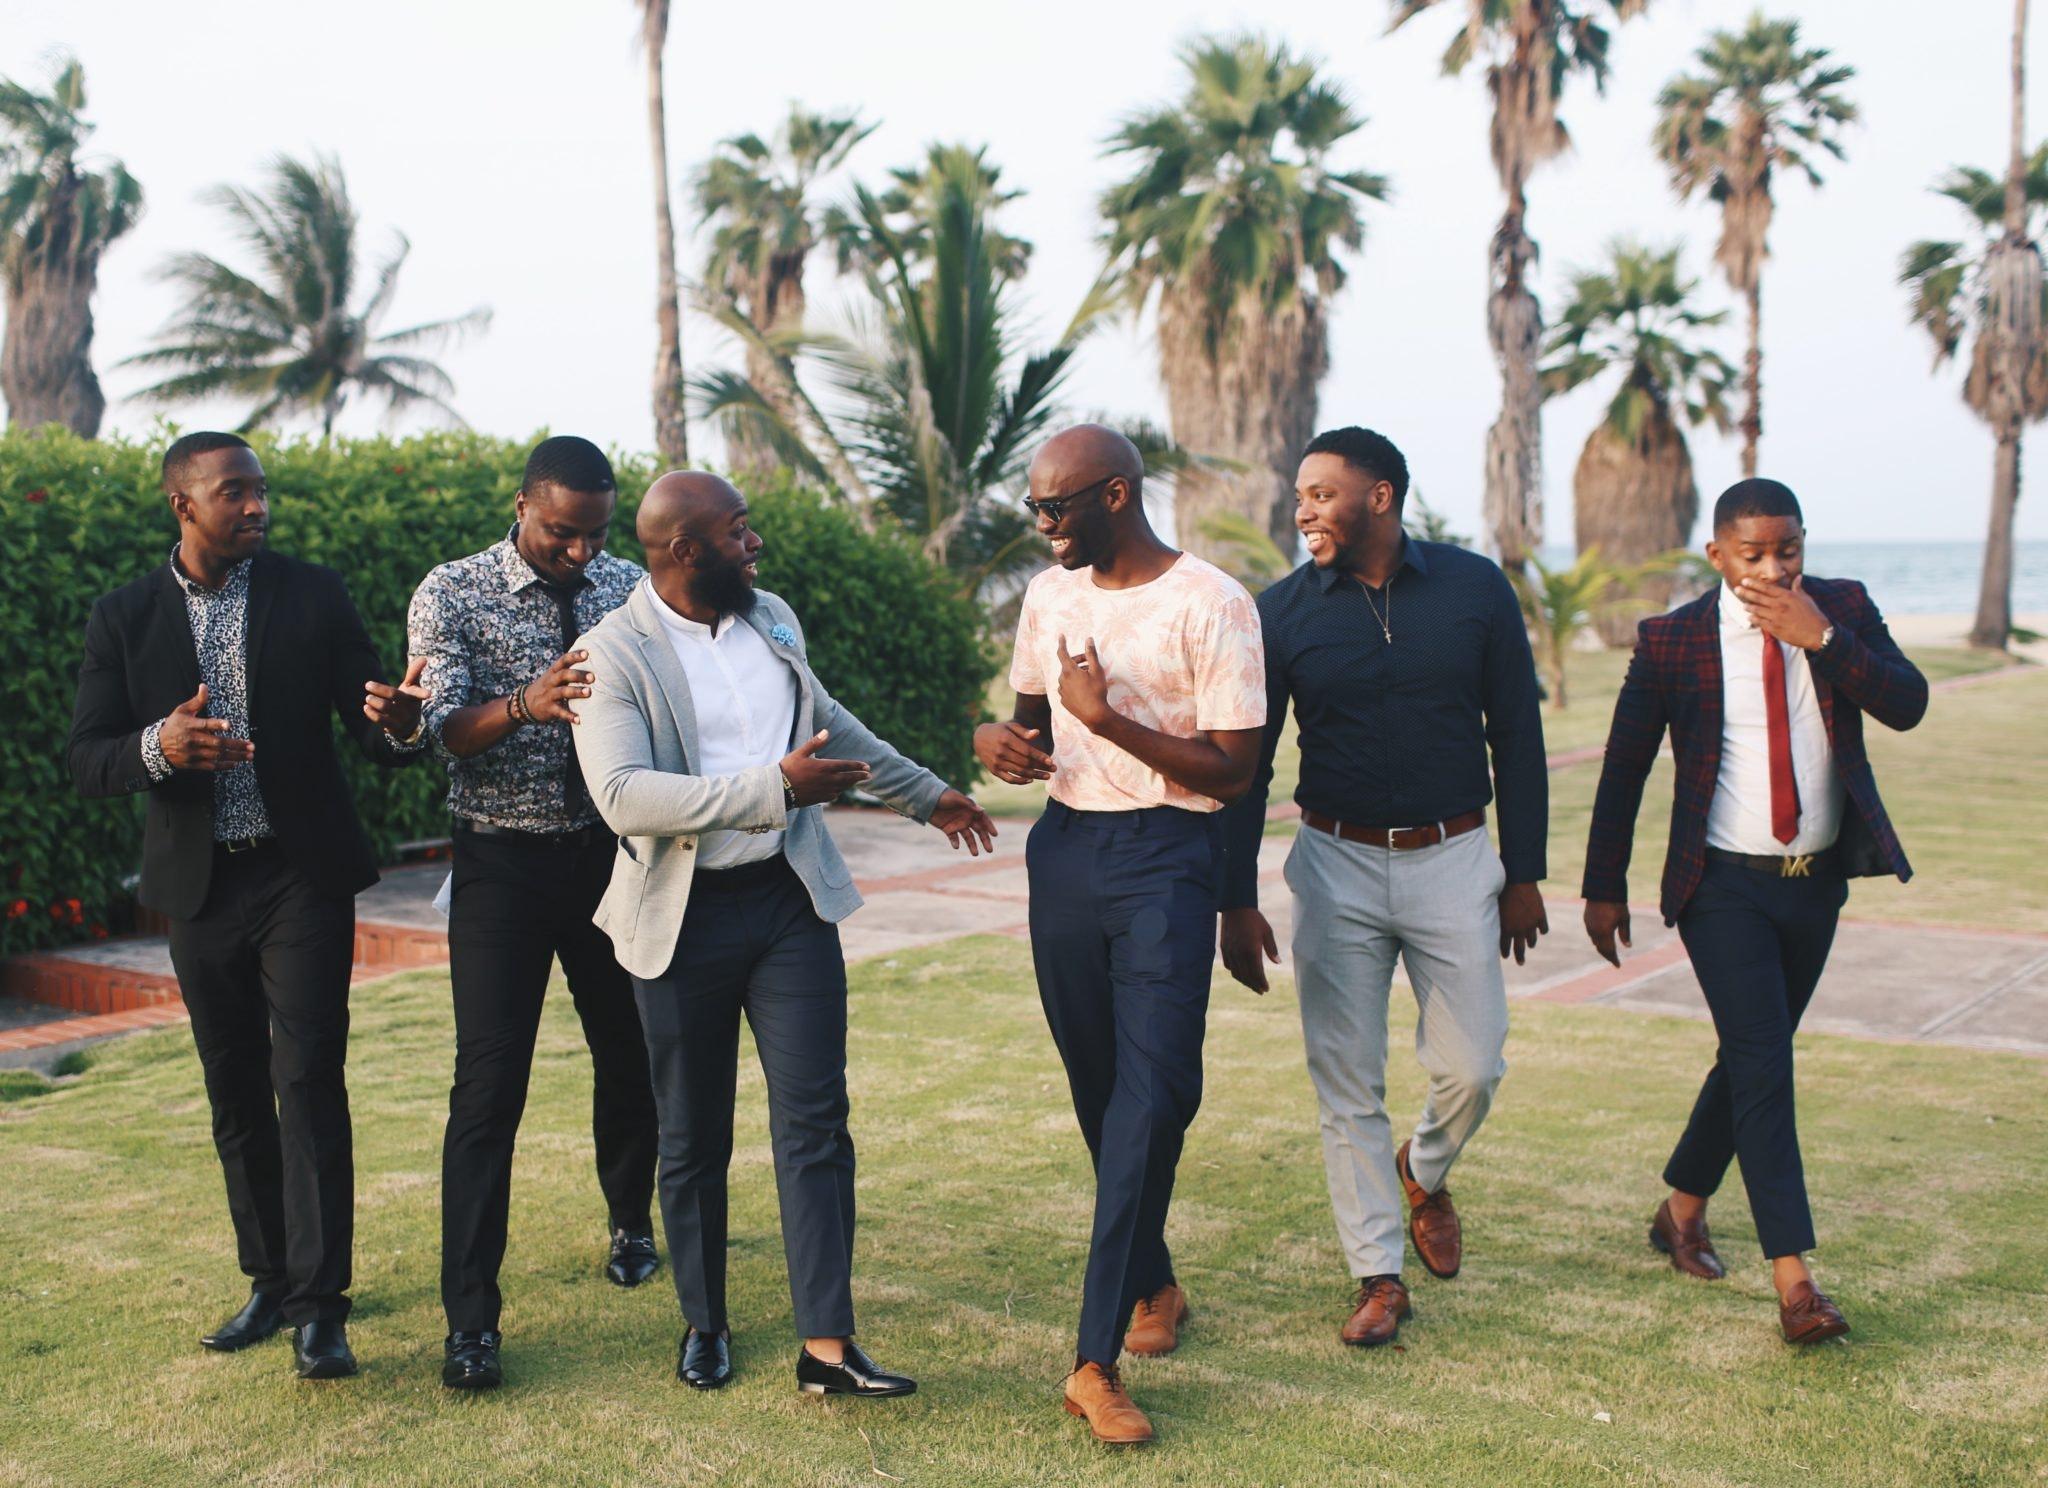 Men Laughing